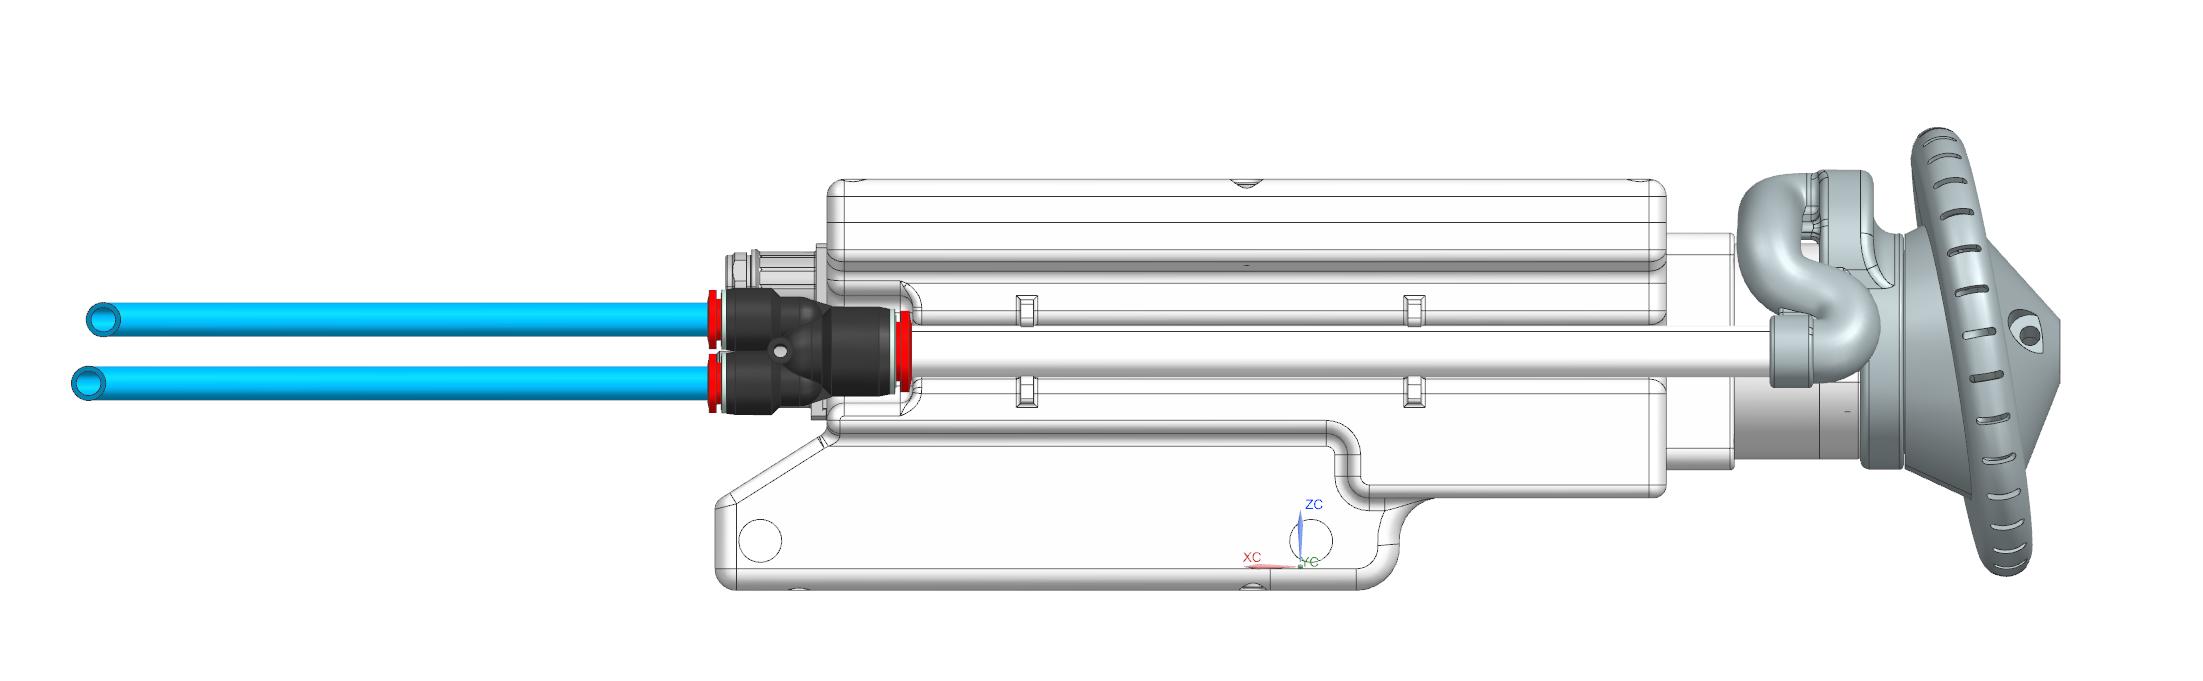 COMPACTE MOTOR INTEGRATIE – RIOOL ROBOT